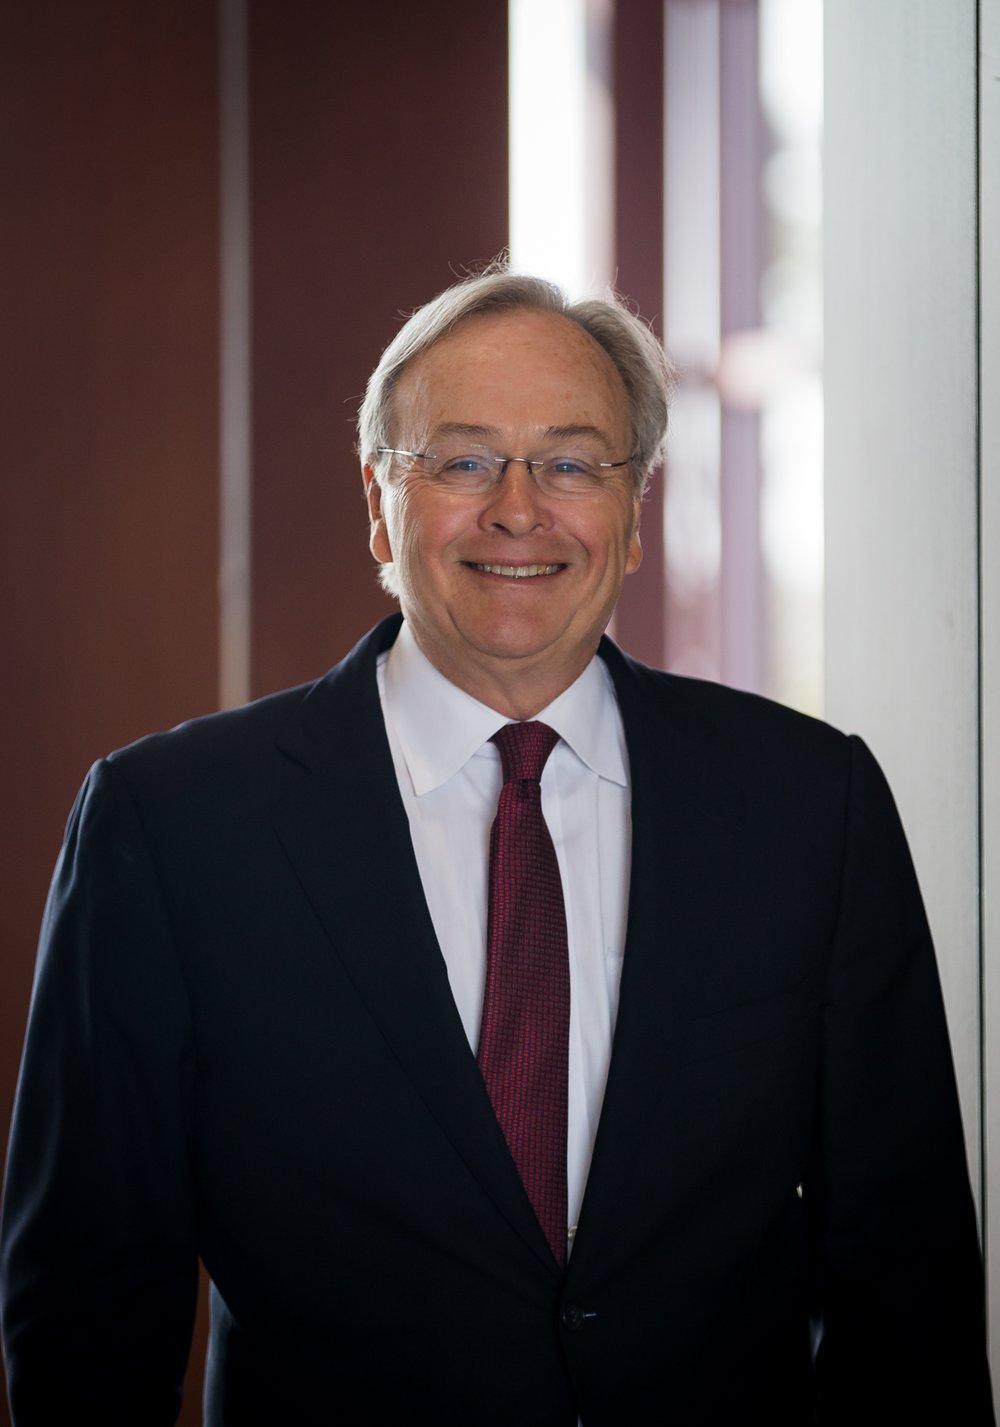 Edward Hemmelgarn - President & Chief Investment Officer